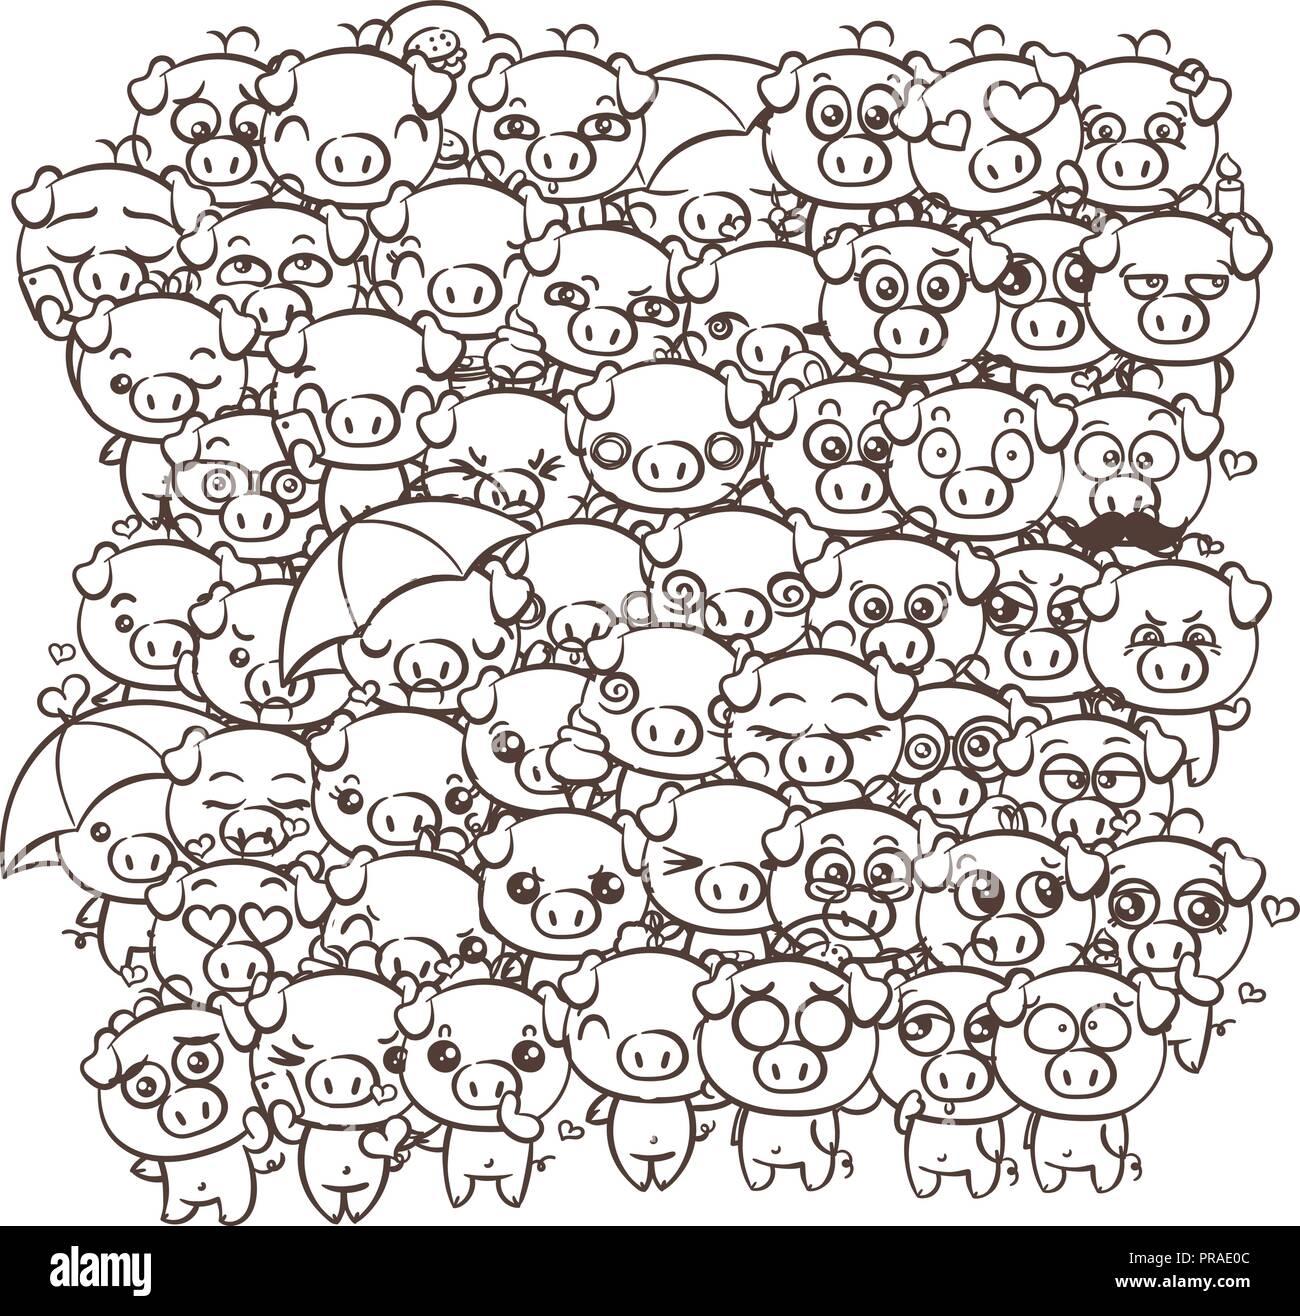 Hintergrund mit niedlichen Baby Ferkel. Pastellfarben cartoon Bild kawaii Schweine. Vektor freihändig zeichnen doodle Comic emoji Kunst Illustration für Malvorlagen ein Stock Vektor